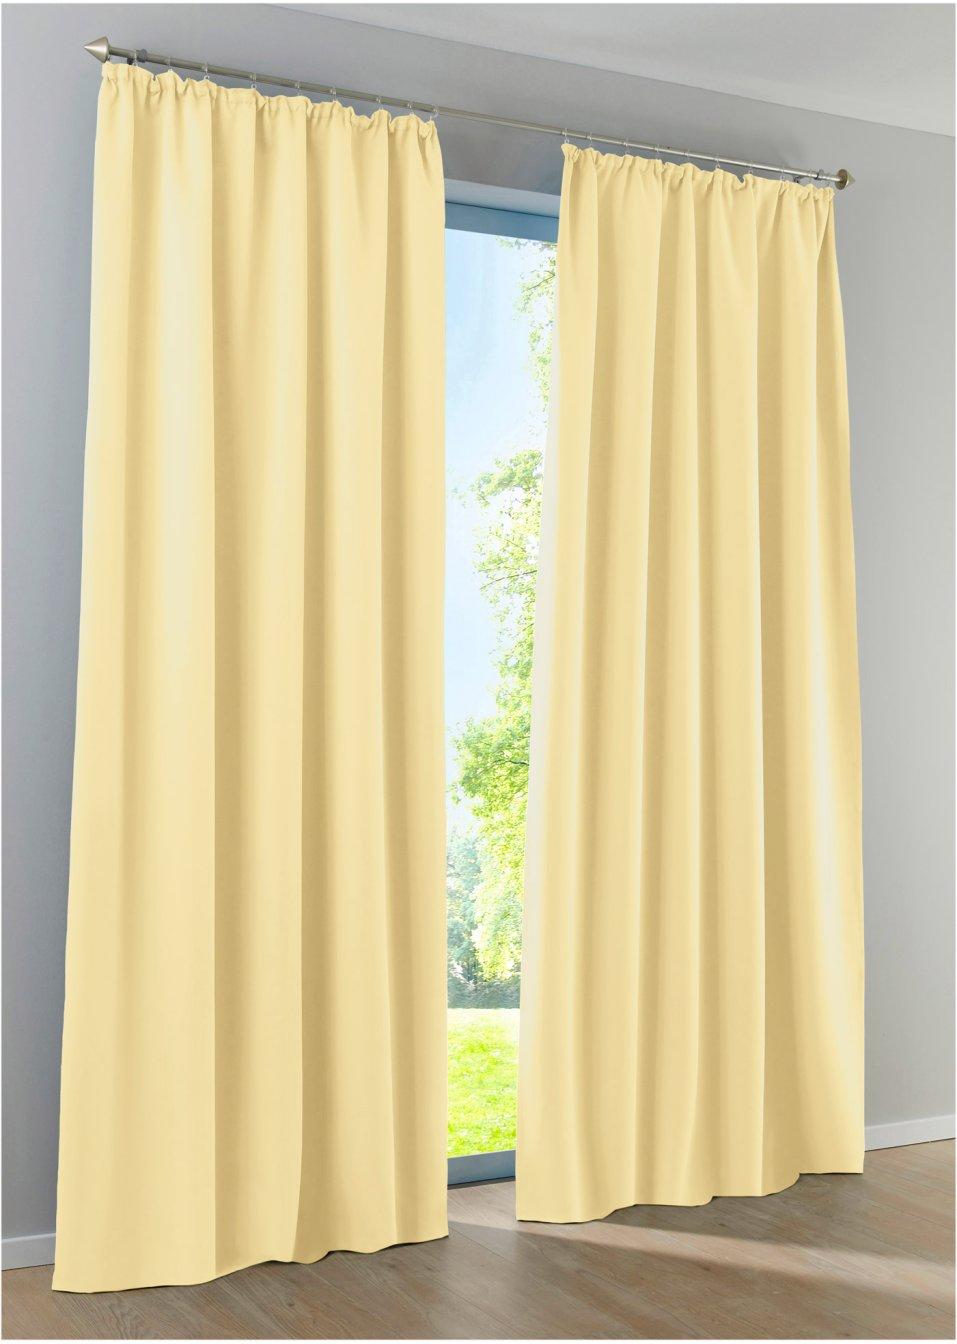 licht und sichtschutz am tag und in der nacht mit dem vorhang verdunkelung vanille. Black Bedroom Furniture Sets. Home Design Ideas